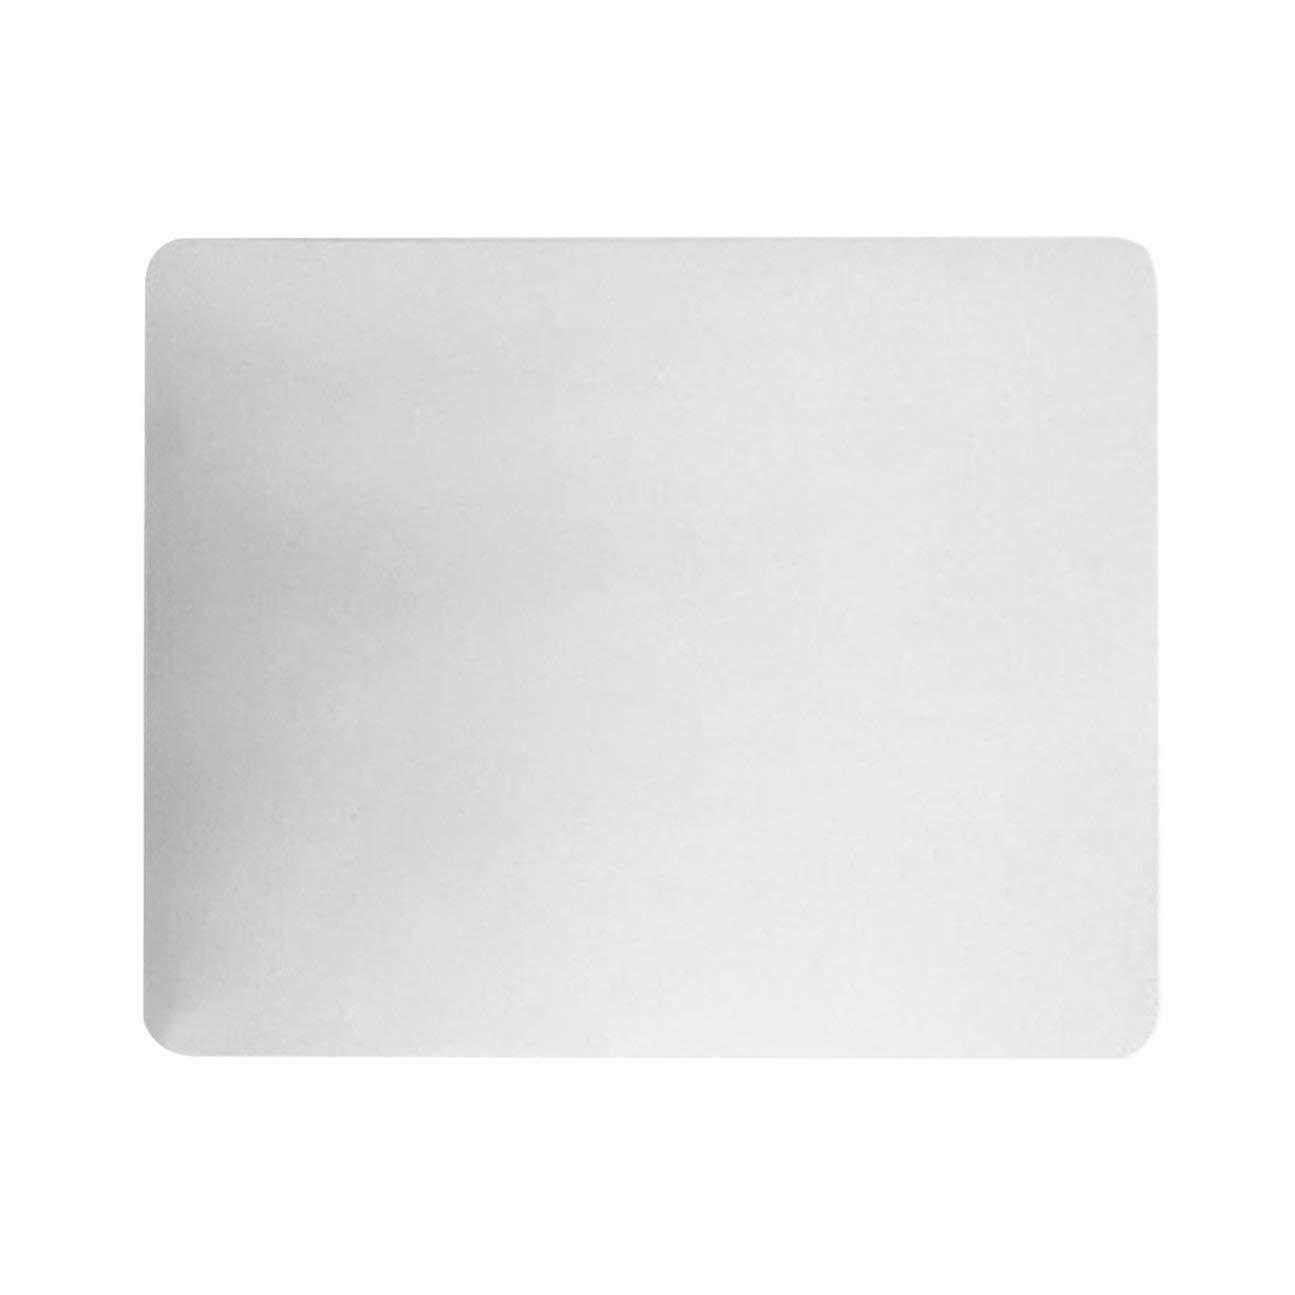 21 15cm Tableau Blanc /Étanche Tableau D/écriture Magn/étique R/éfrig/érateur Effa/çable Panneau De Message Memo Pad Planche /À Dessin Bureau /À Domicile Blanc